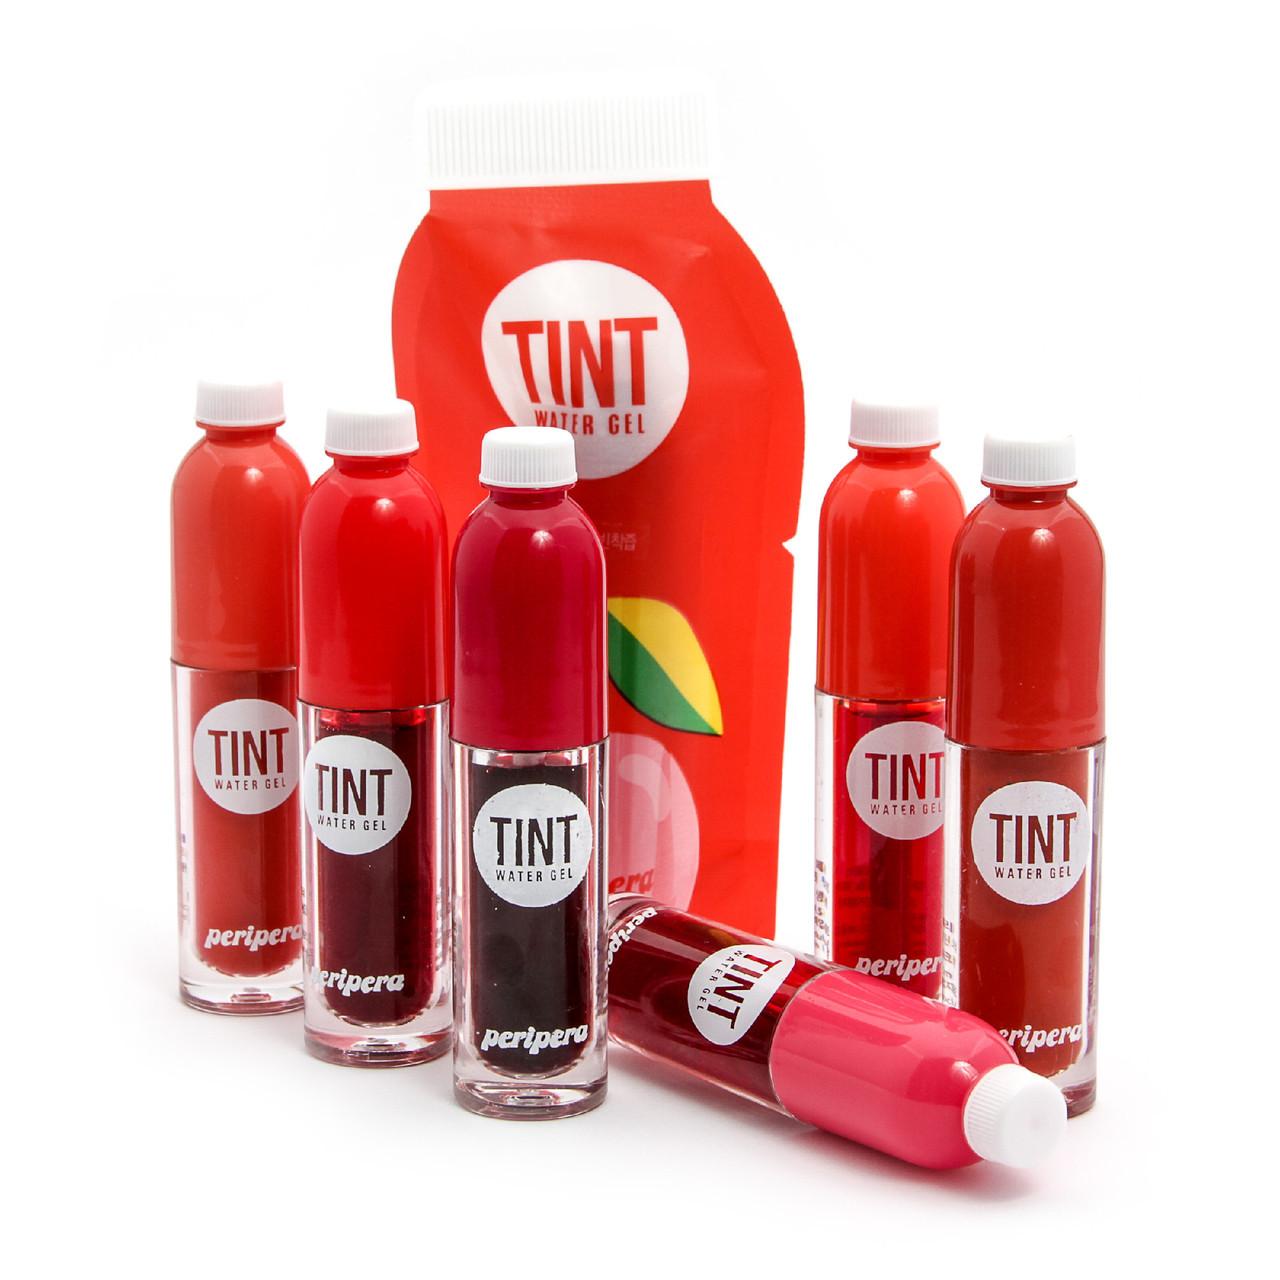 Тинт для губ PERIPERA Tint Water Gel 7 в 1